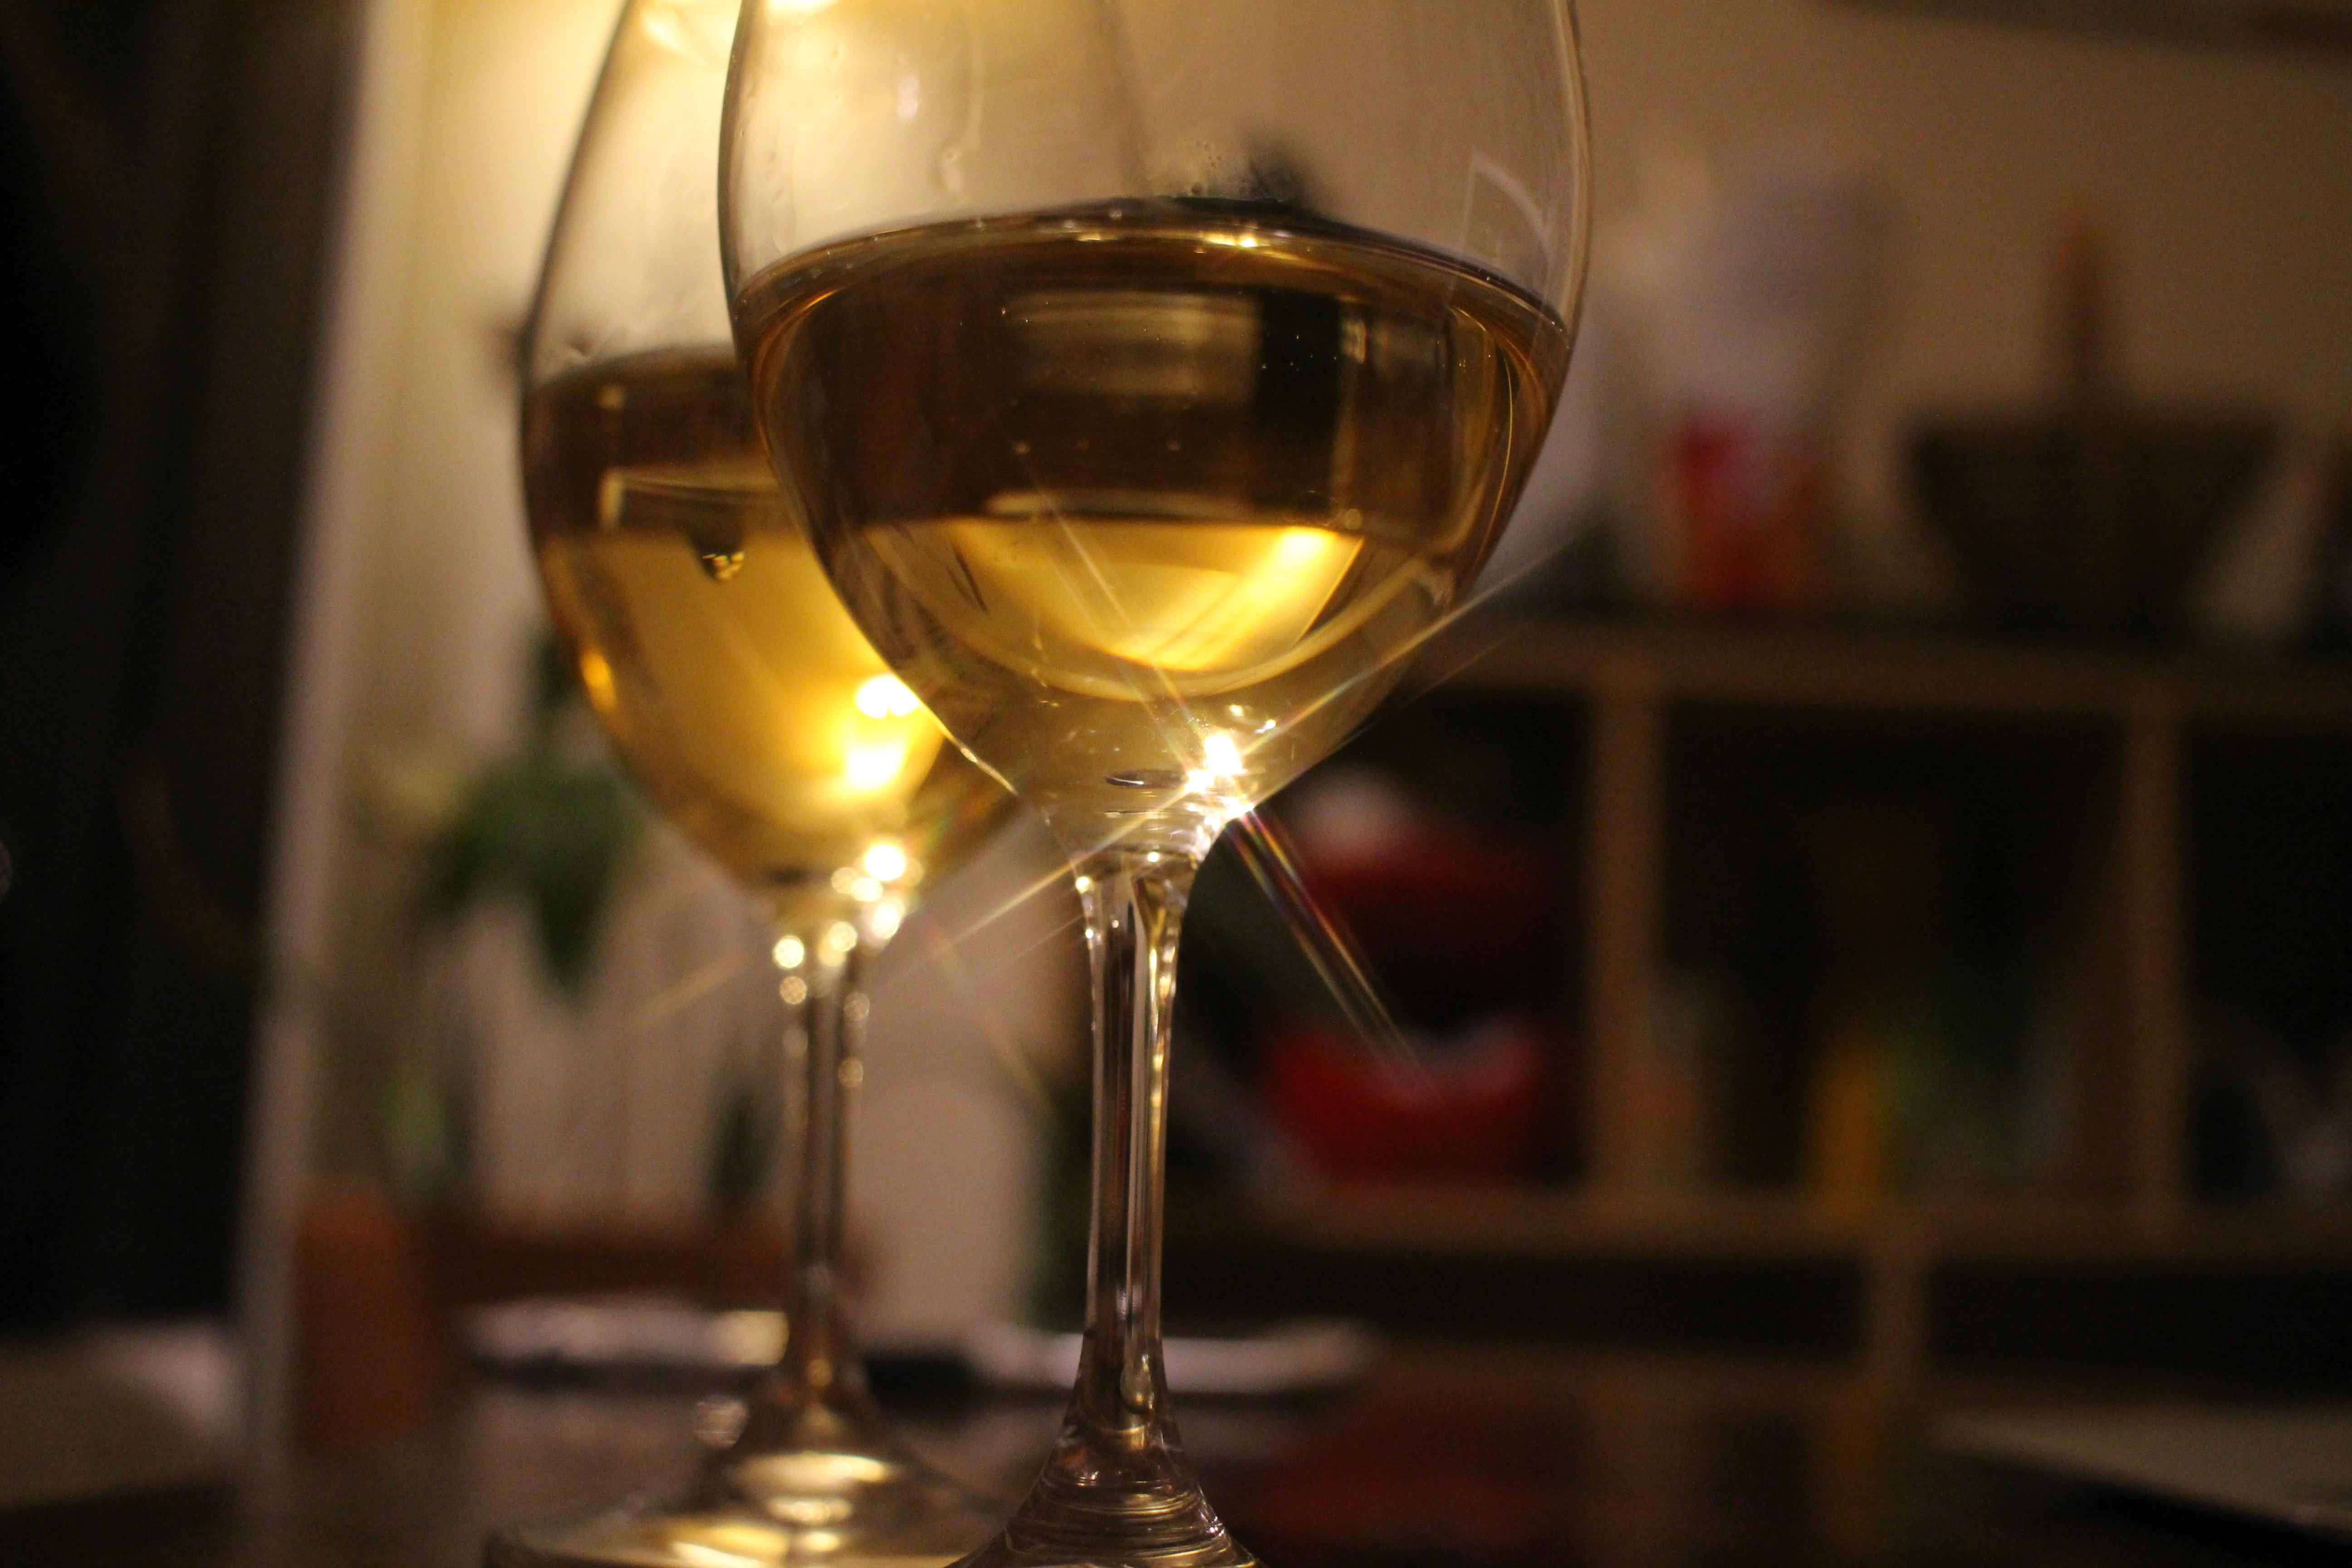 ニセコワインや小樽の桃のお酒が美味しい!北海道の果樹酒